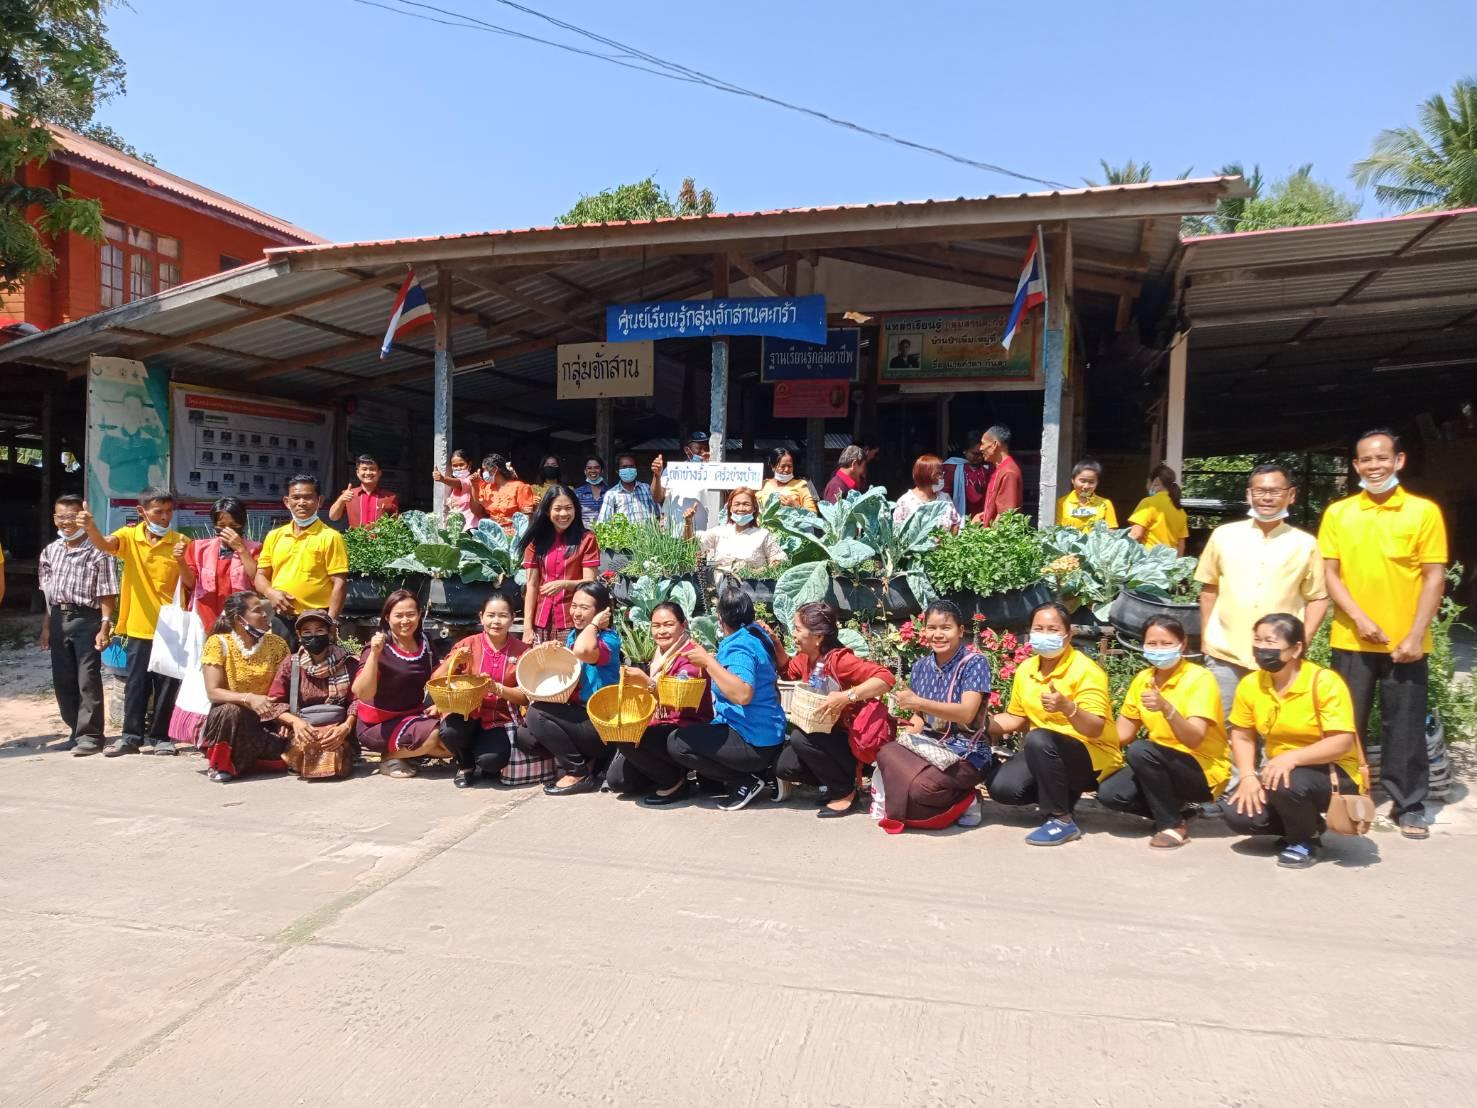 ยินดีต้อนรับพี่น้องจังหวัดบุรีรัมย์ ศึกษาดูงานศูนย์จัดการกองทุนฯ บ้านป่าเพิ่ม หมู่ 11